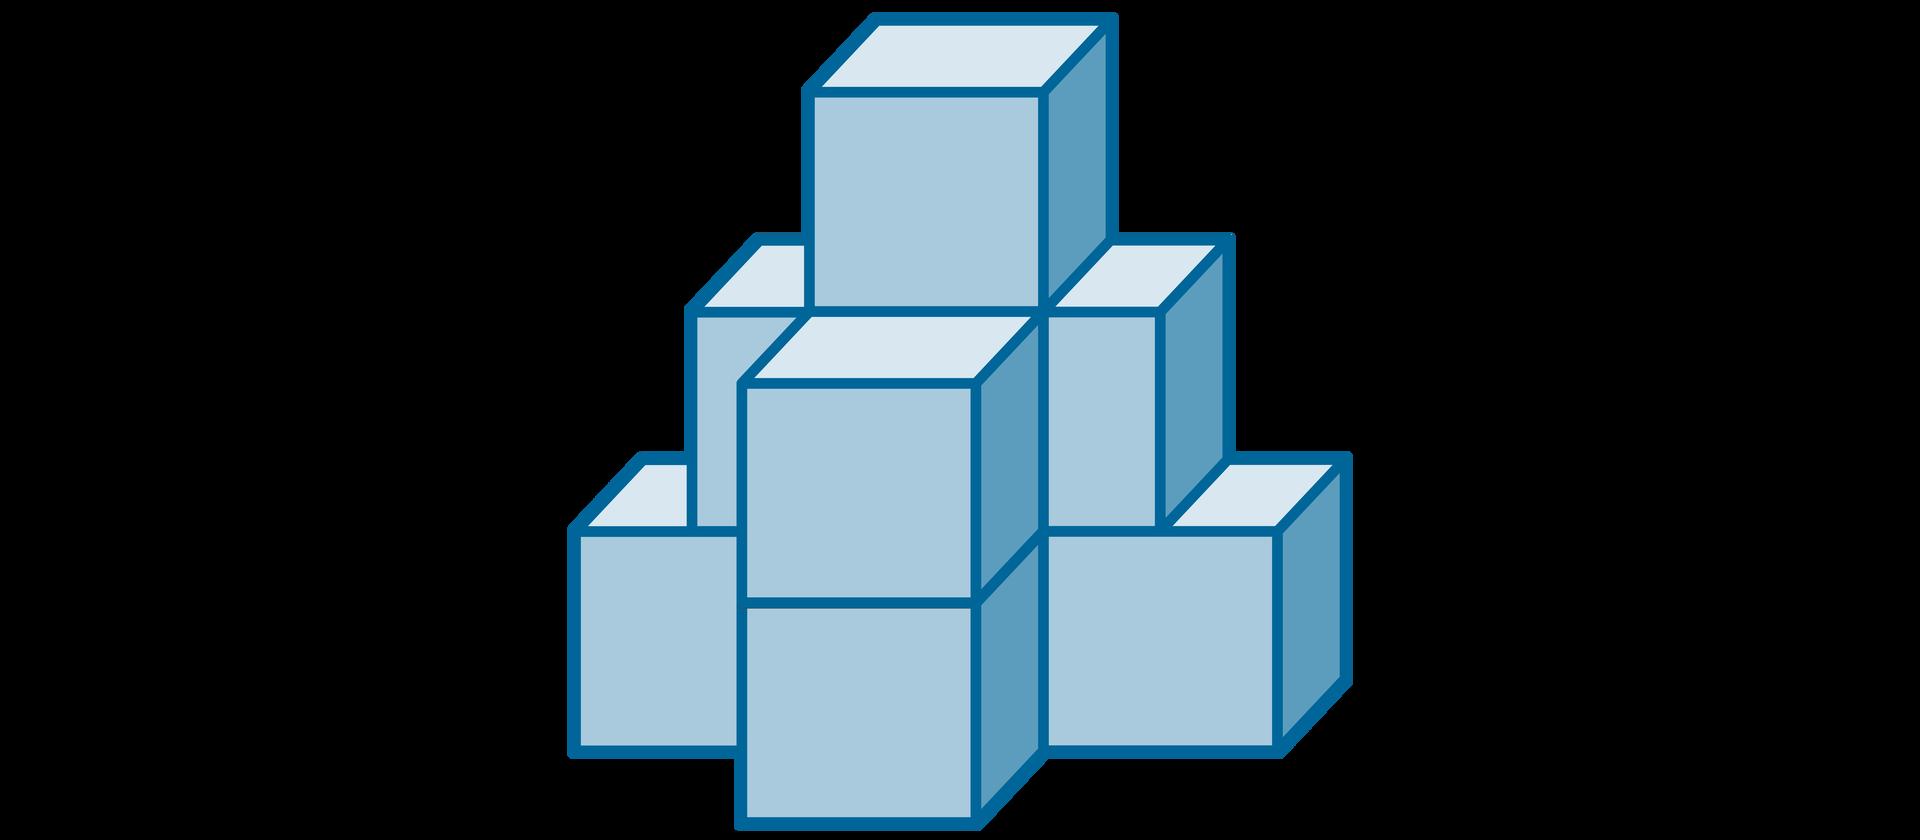 Rysunek figury zbudowanej zośmiu jednakowych sześcianów.